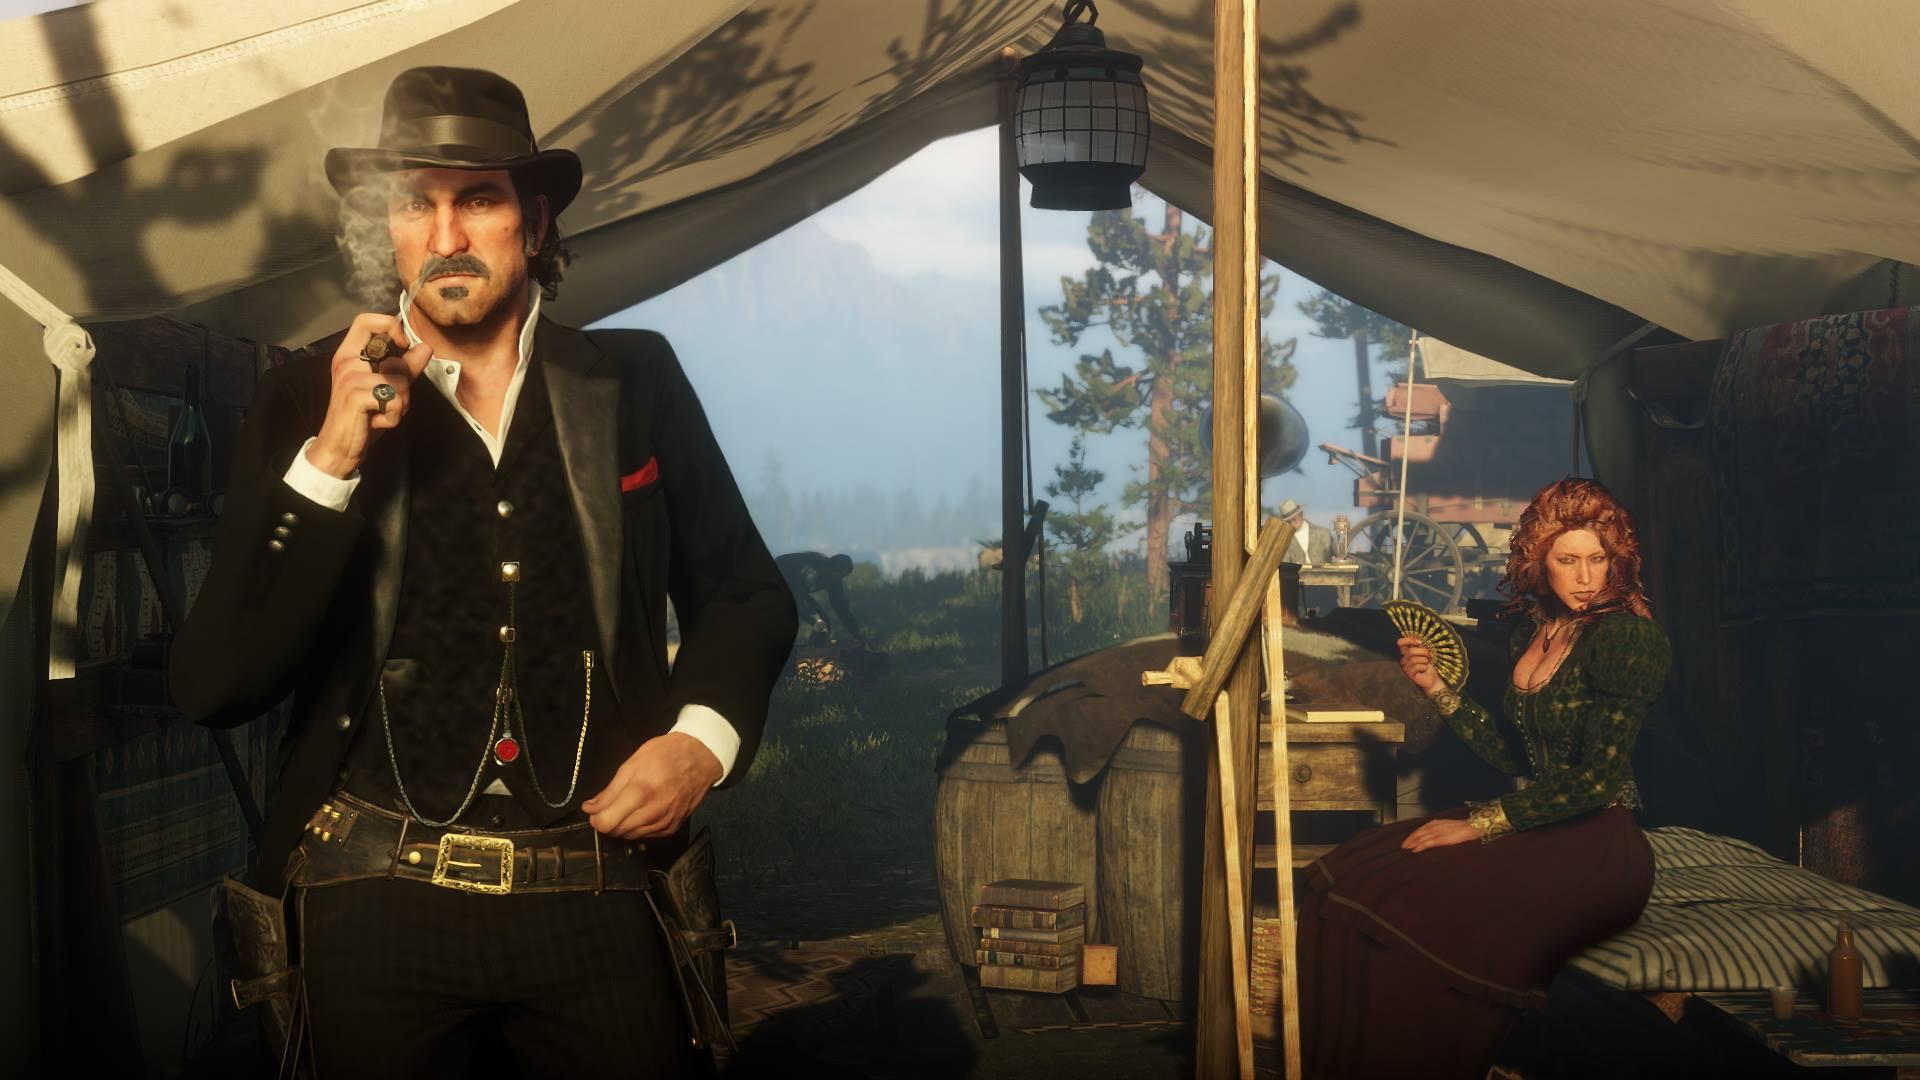 Neue Screenshots zu Red Dead Redemption 2 zeigen Tierwelt, Open World und Charaktere. Bild 10 - Quelle: Rockstar Games